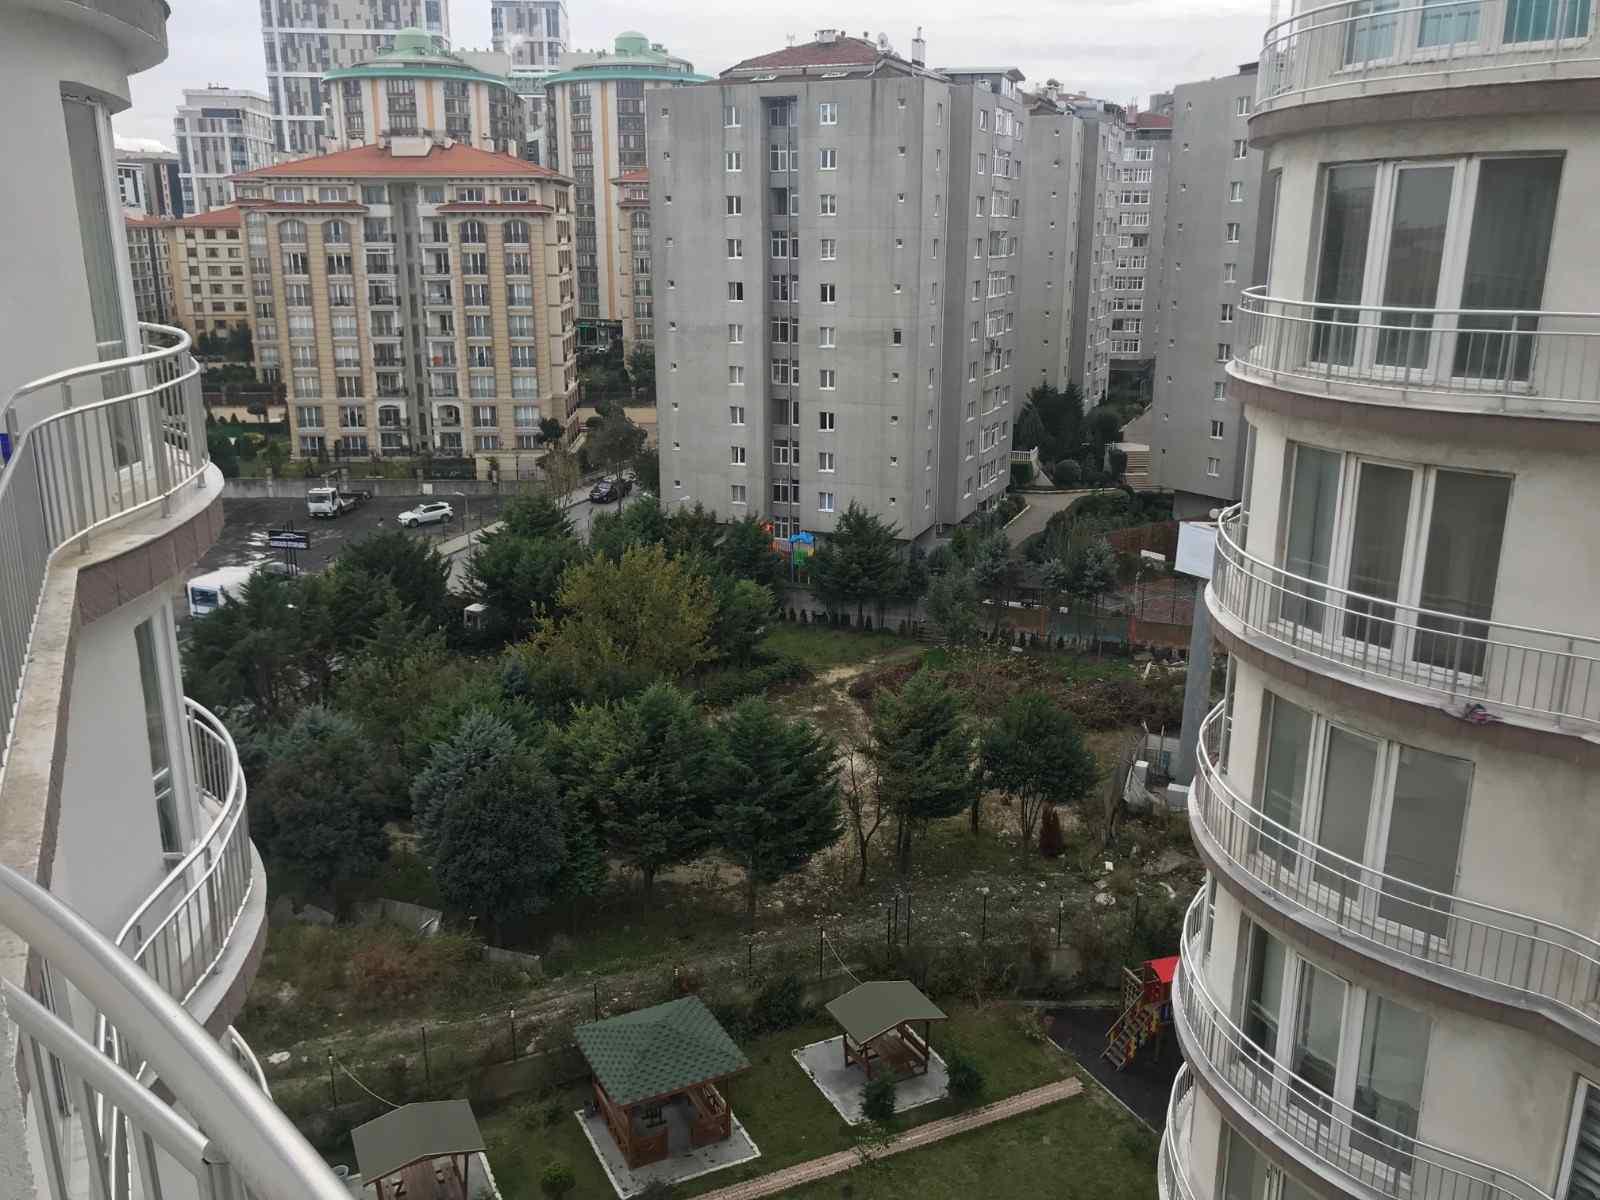 شقة في بيليك دوزو (بيوك شكميجة) في القسم الاوروبي -اسطنبول